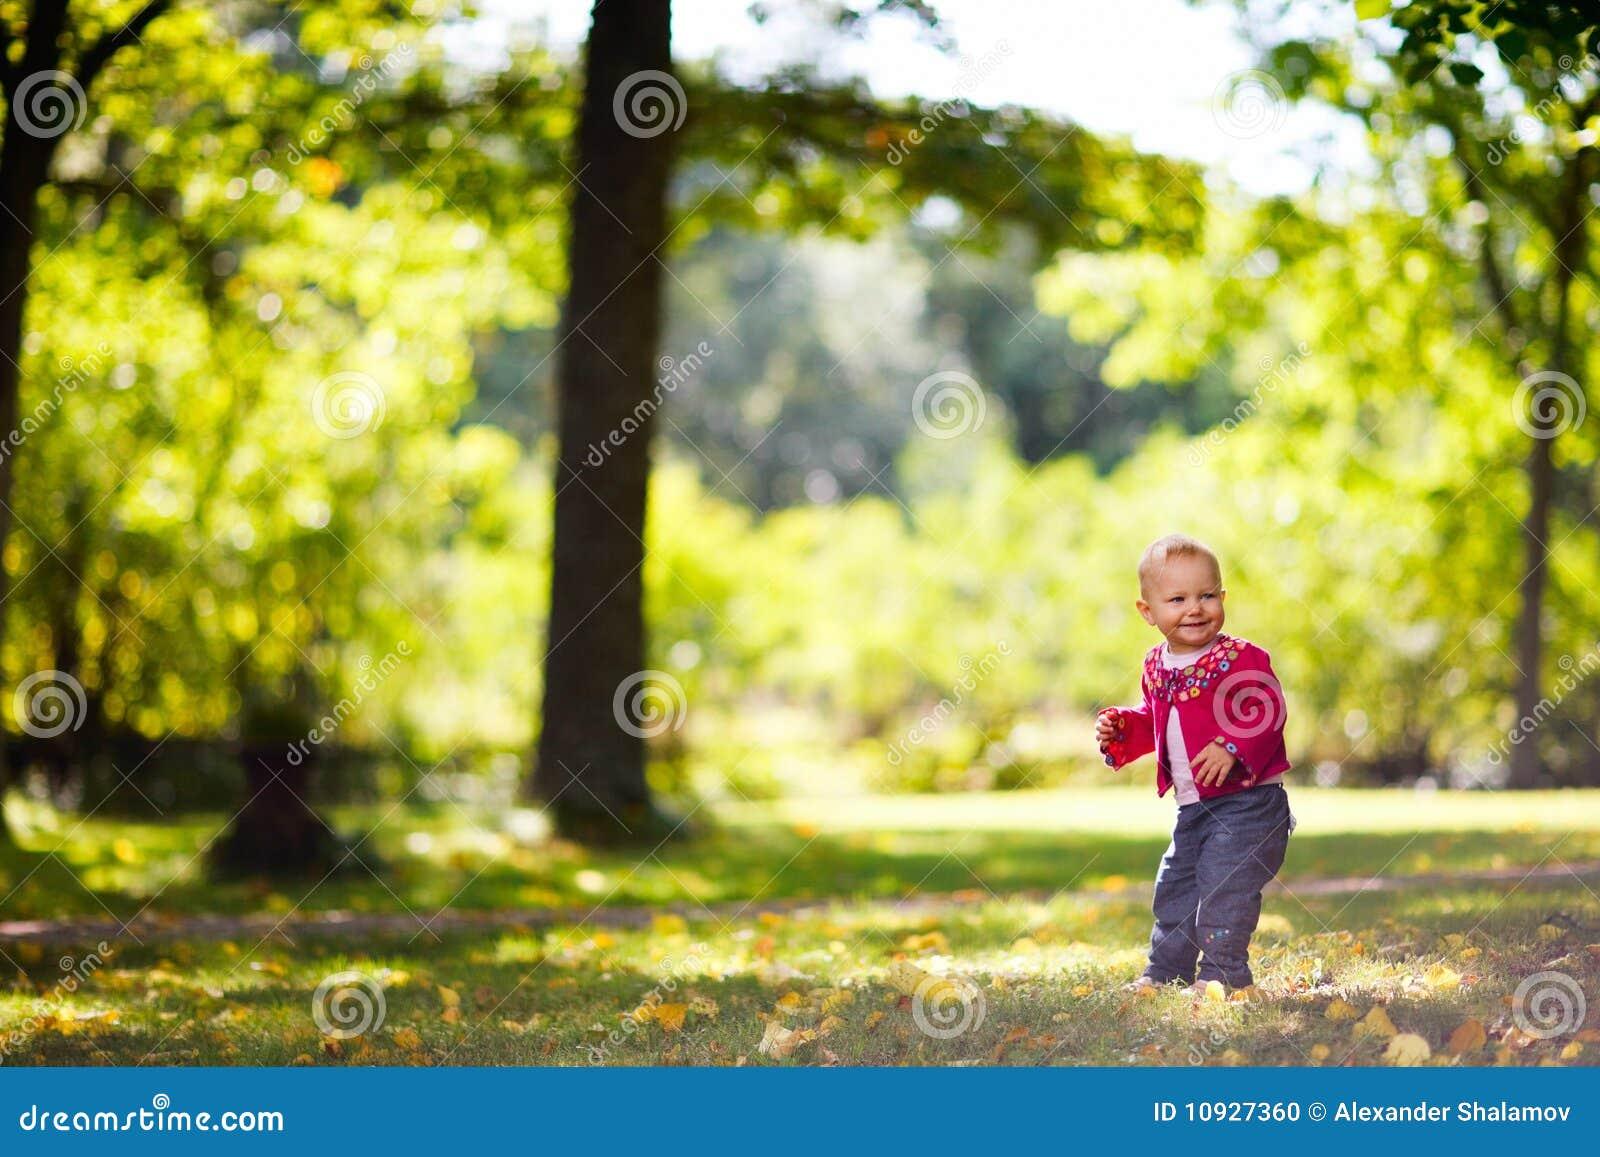 парк ребёнка